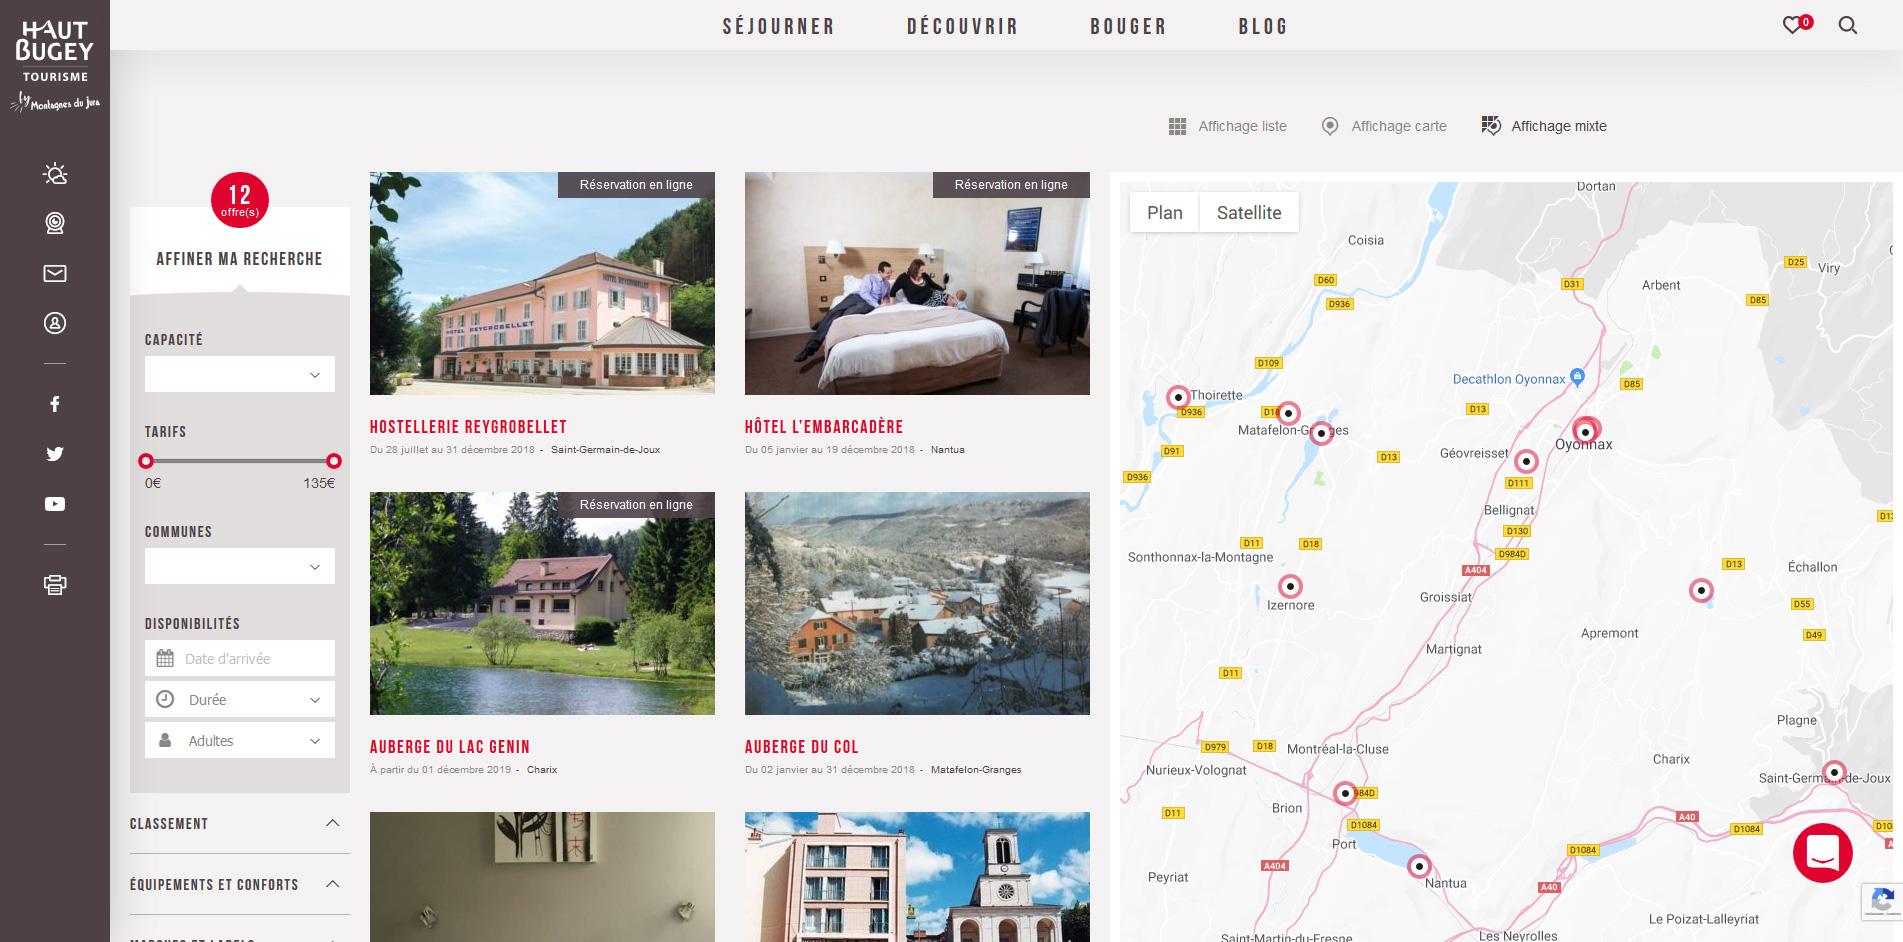 Haut Bugey tourisme | Liste d'éléments e-tourisme